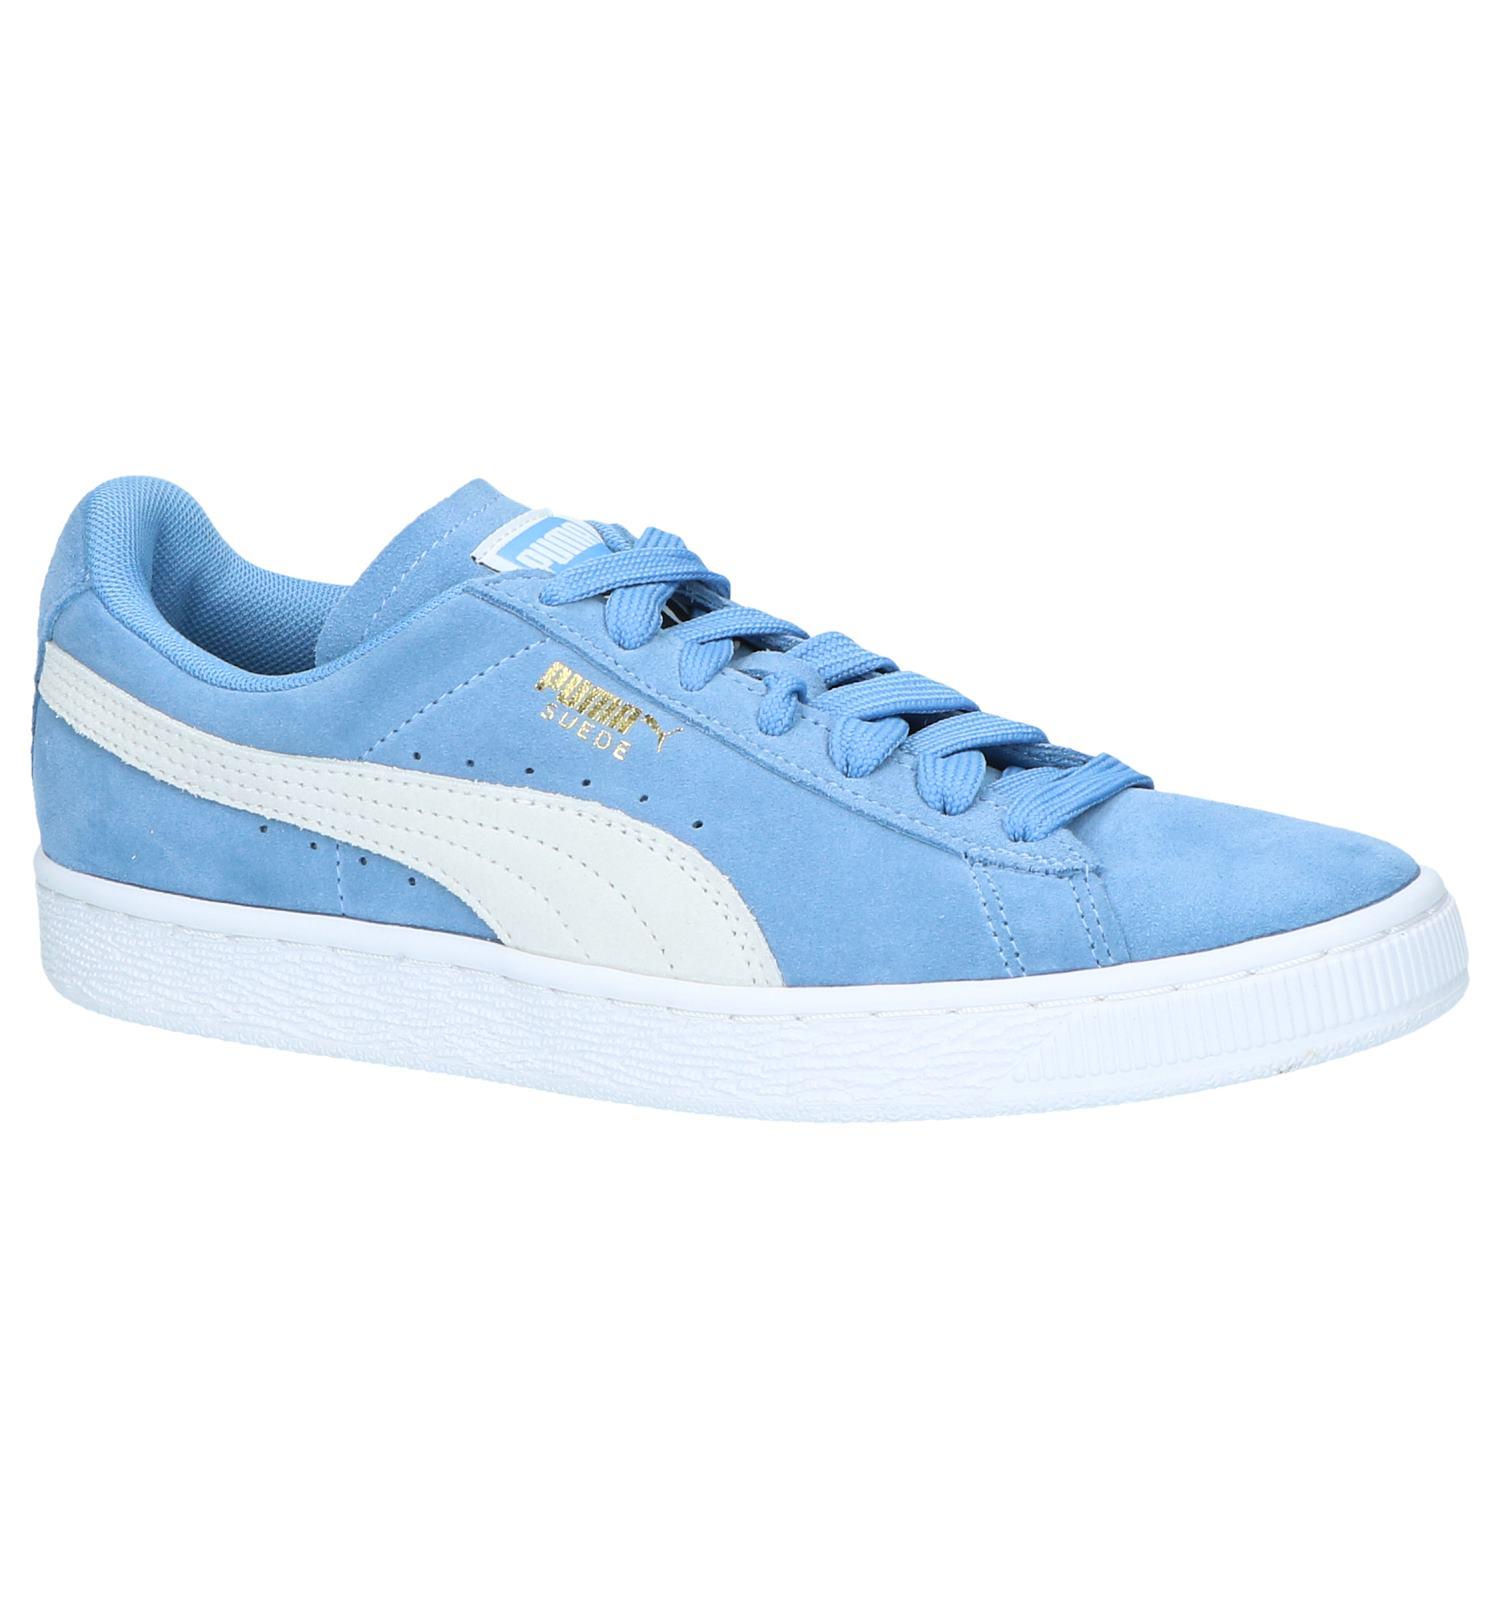 5712e1a11d0 Lage Sneakers Licht Blauw Puma Suede Classic | TORFS.BE | Gratis verzend en  retour